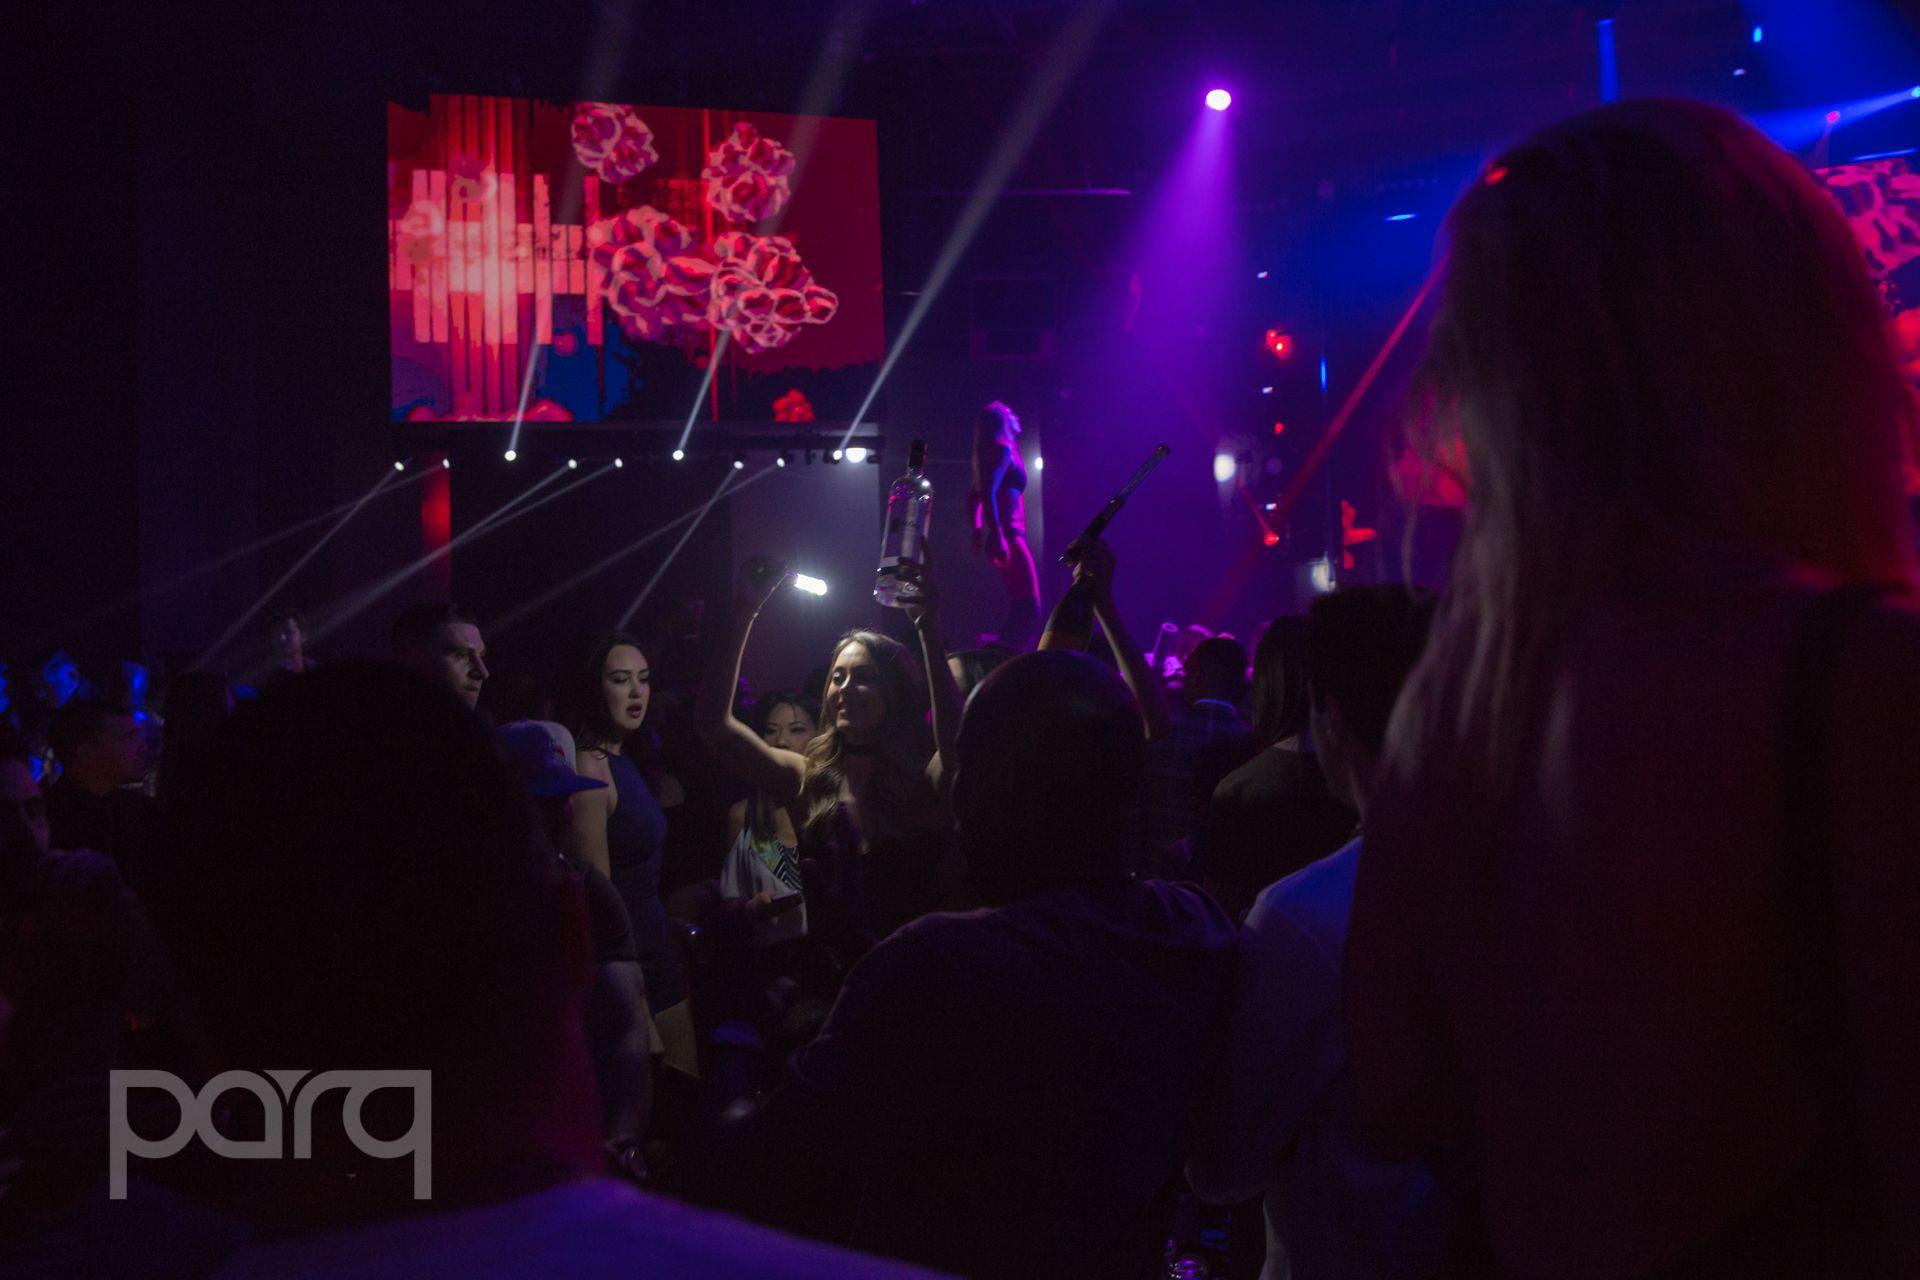 San-Diego-Nightclub-DJ Obscene-25.jpg